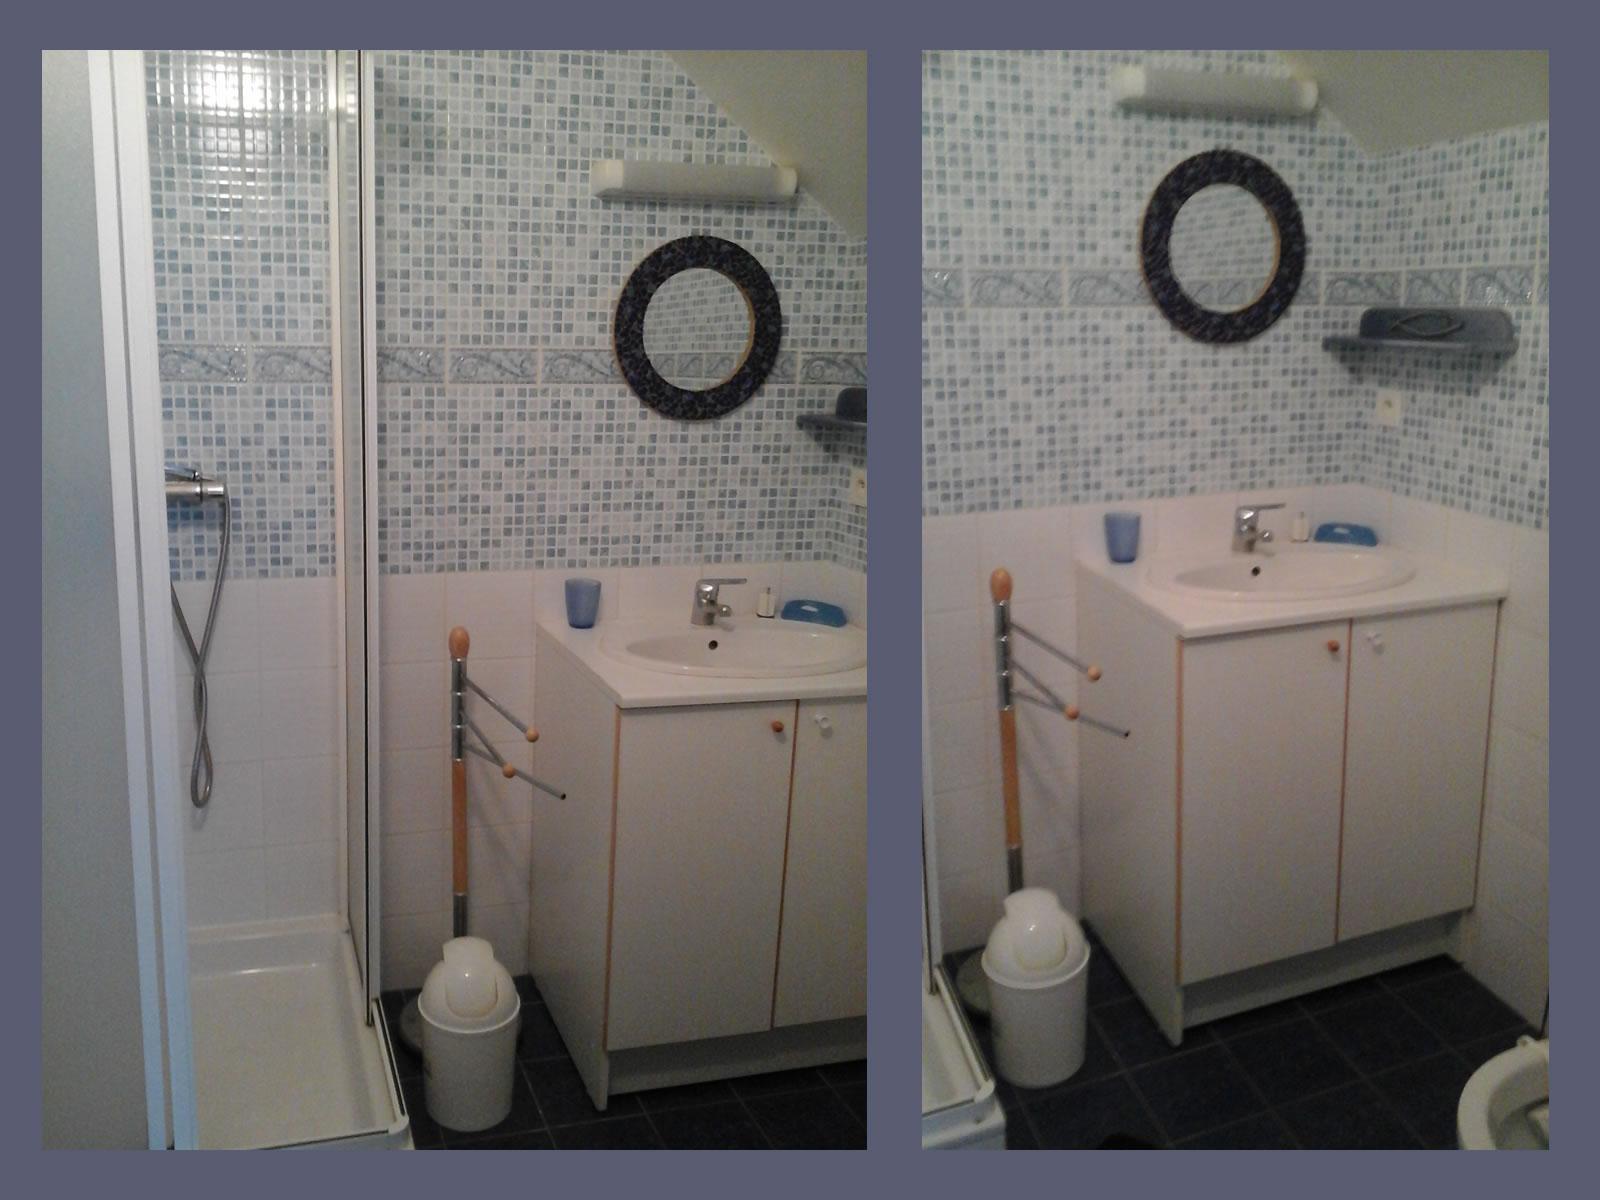 Image n°7 du gîte de mer : La salle de bain du gite